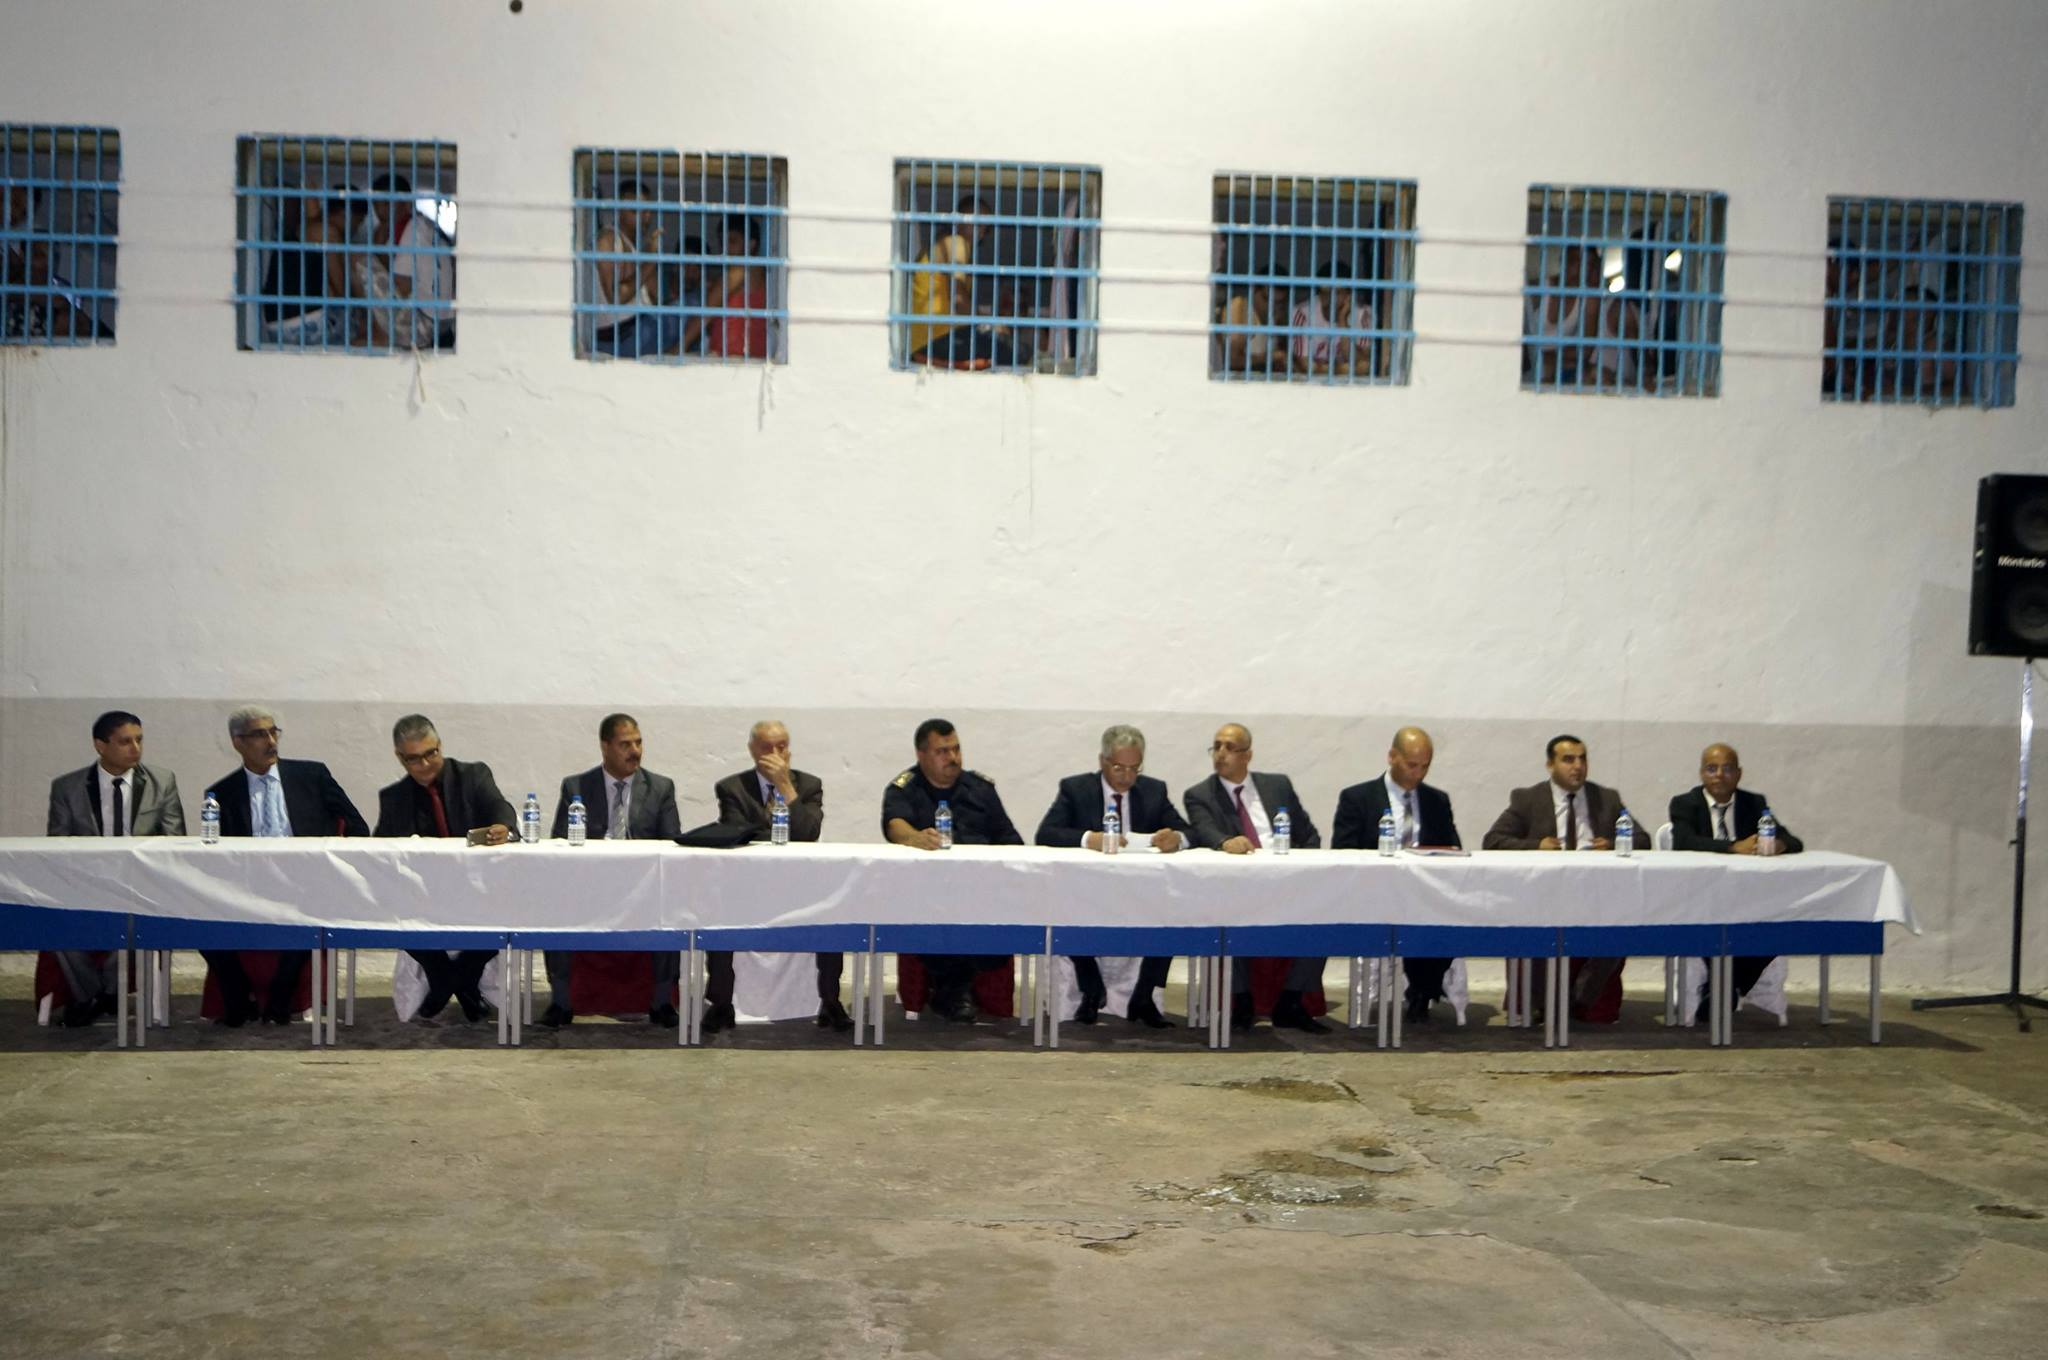 استياء كبير من صورة وزير العدل في سجن المهدية